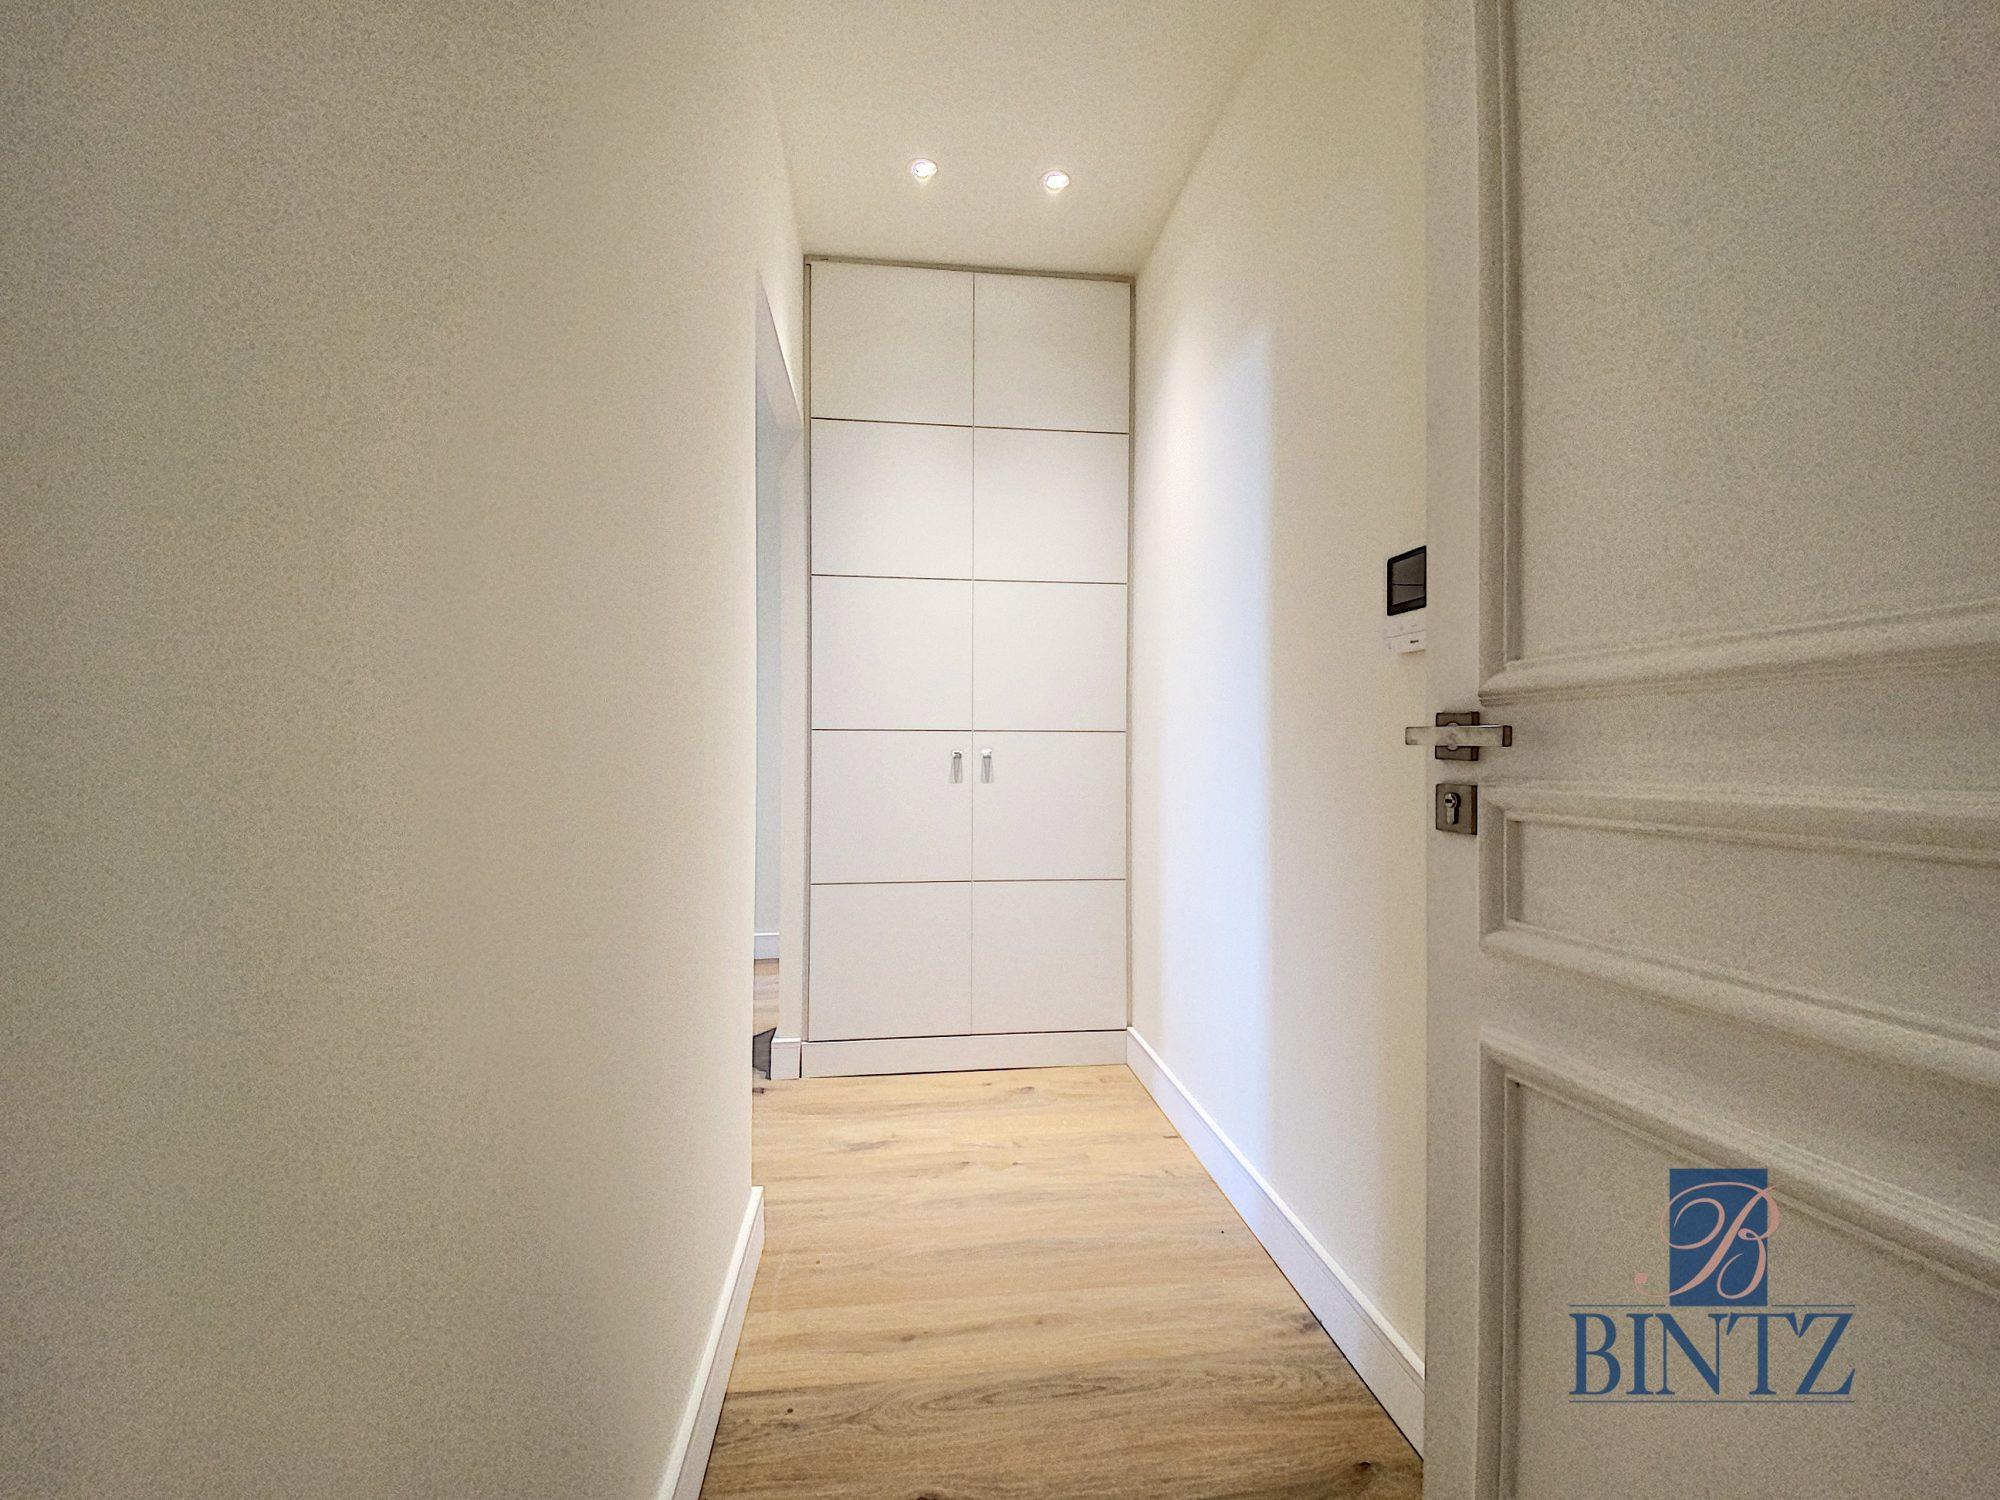 2 Pièces neuf avec balcon - Devenez locataire en toute sérénité - Bintz Immobilier - 5